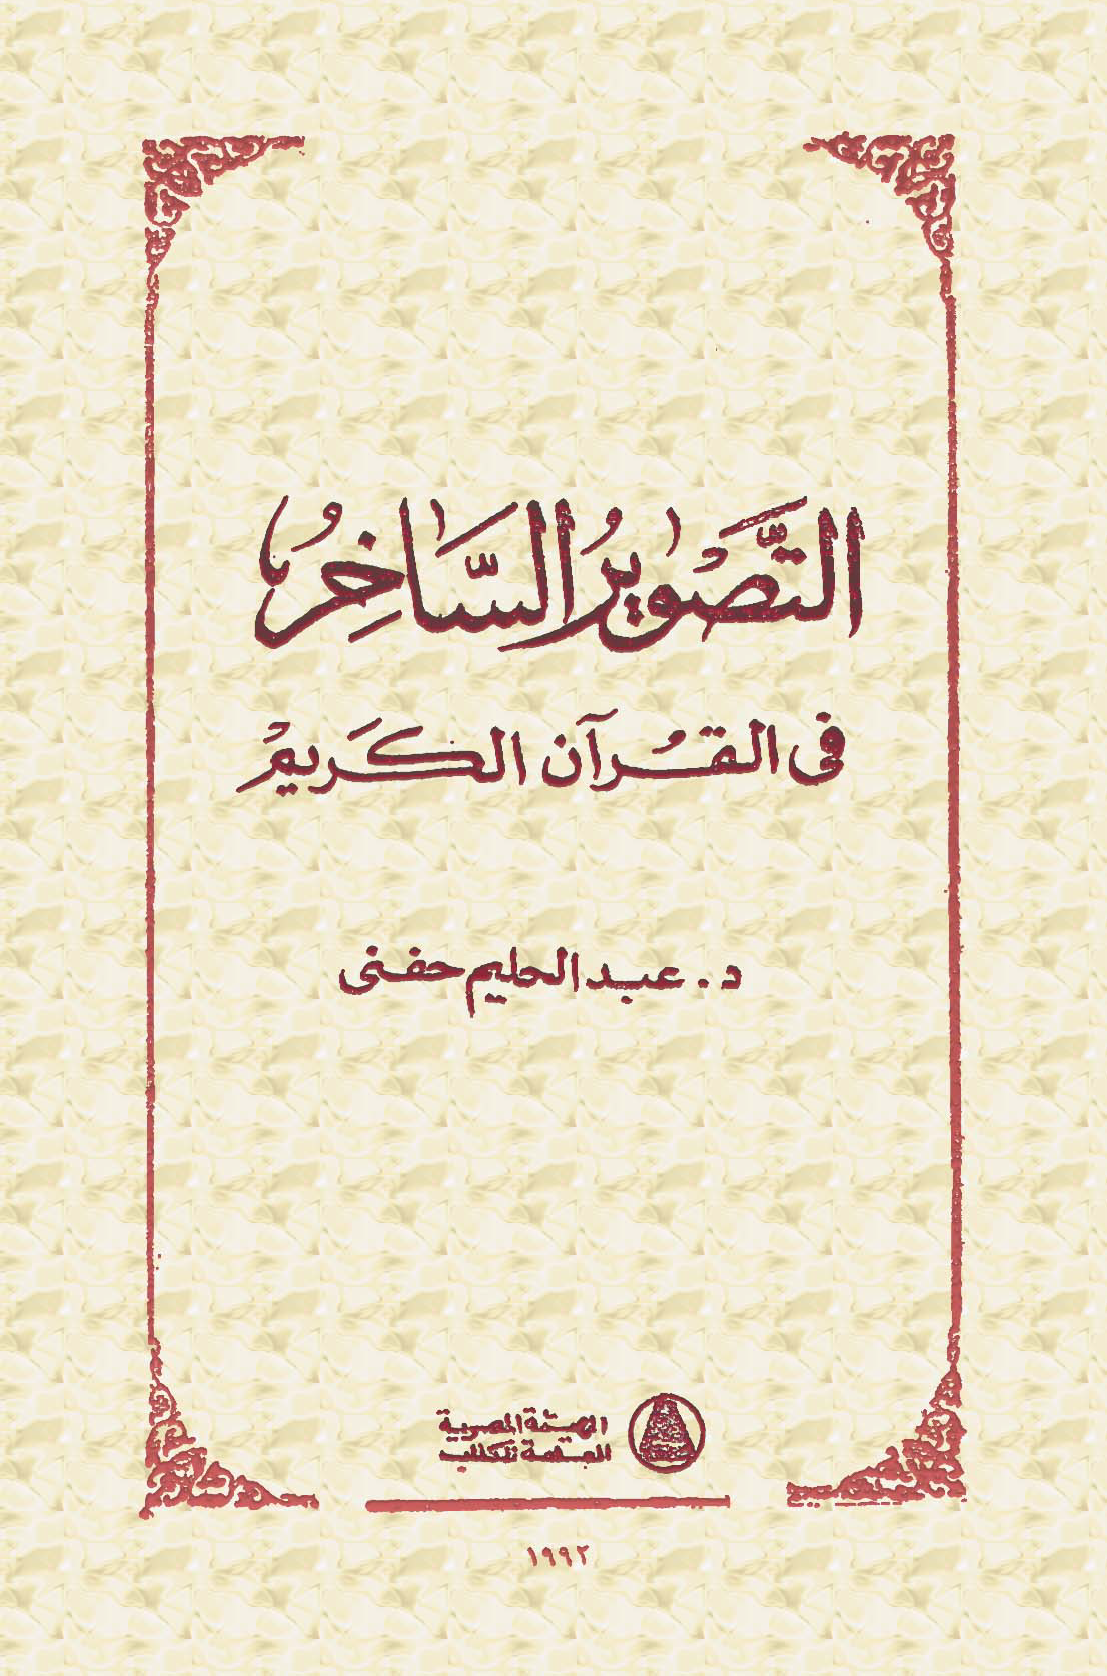 تحميل كتاب التصوير الساخر في القرآن الكريم لـِ: الدكتور عبد الحليم حفني